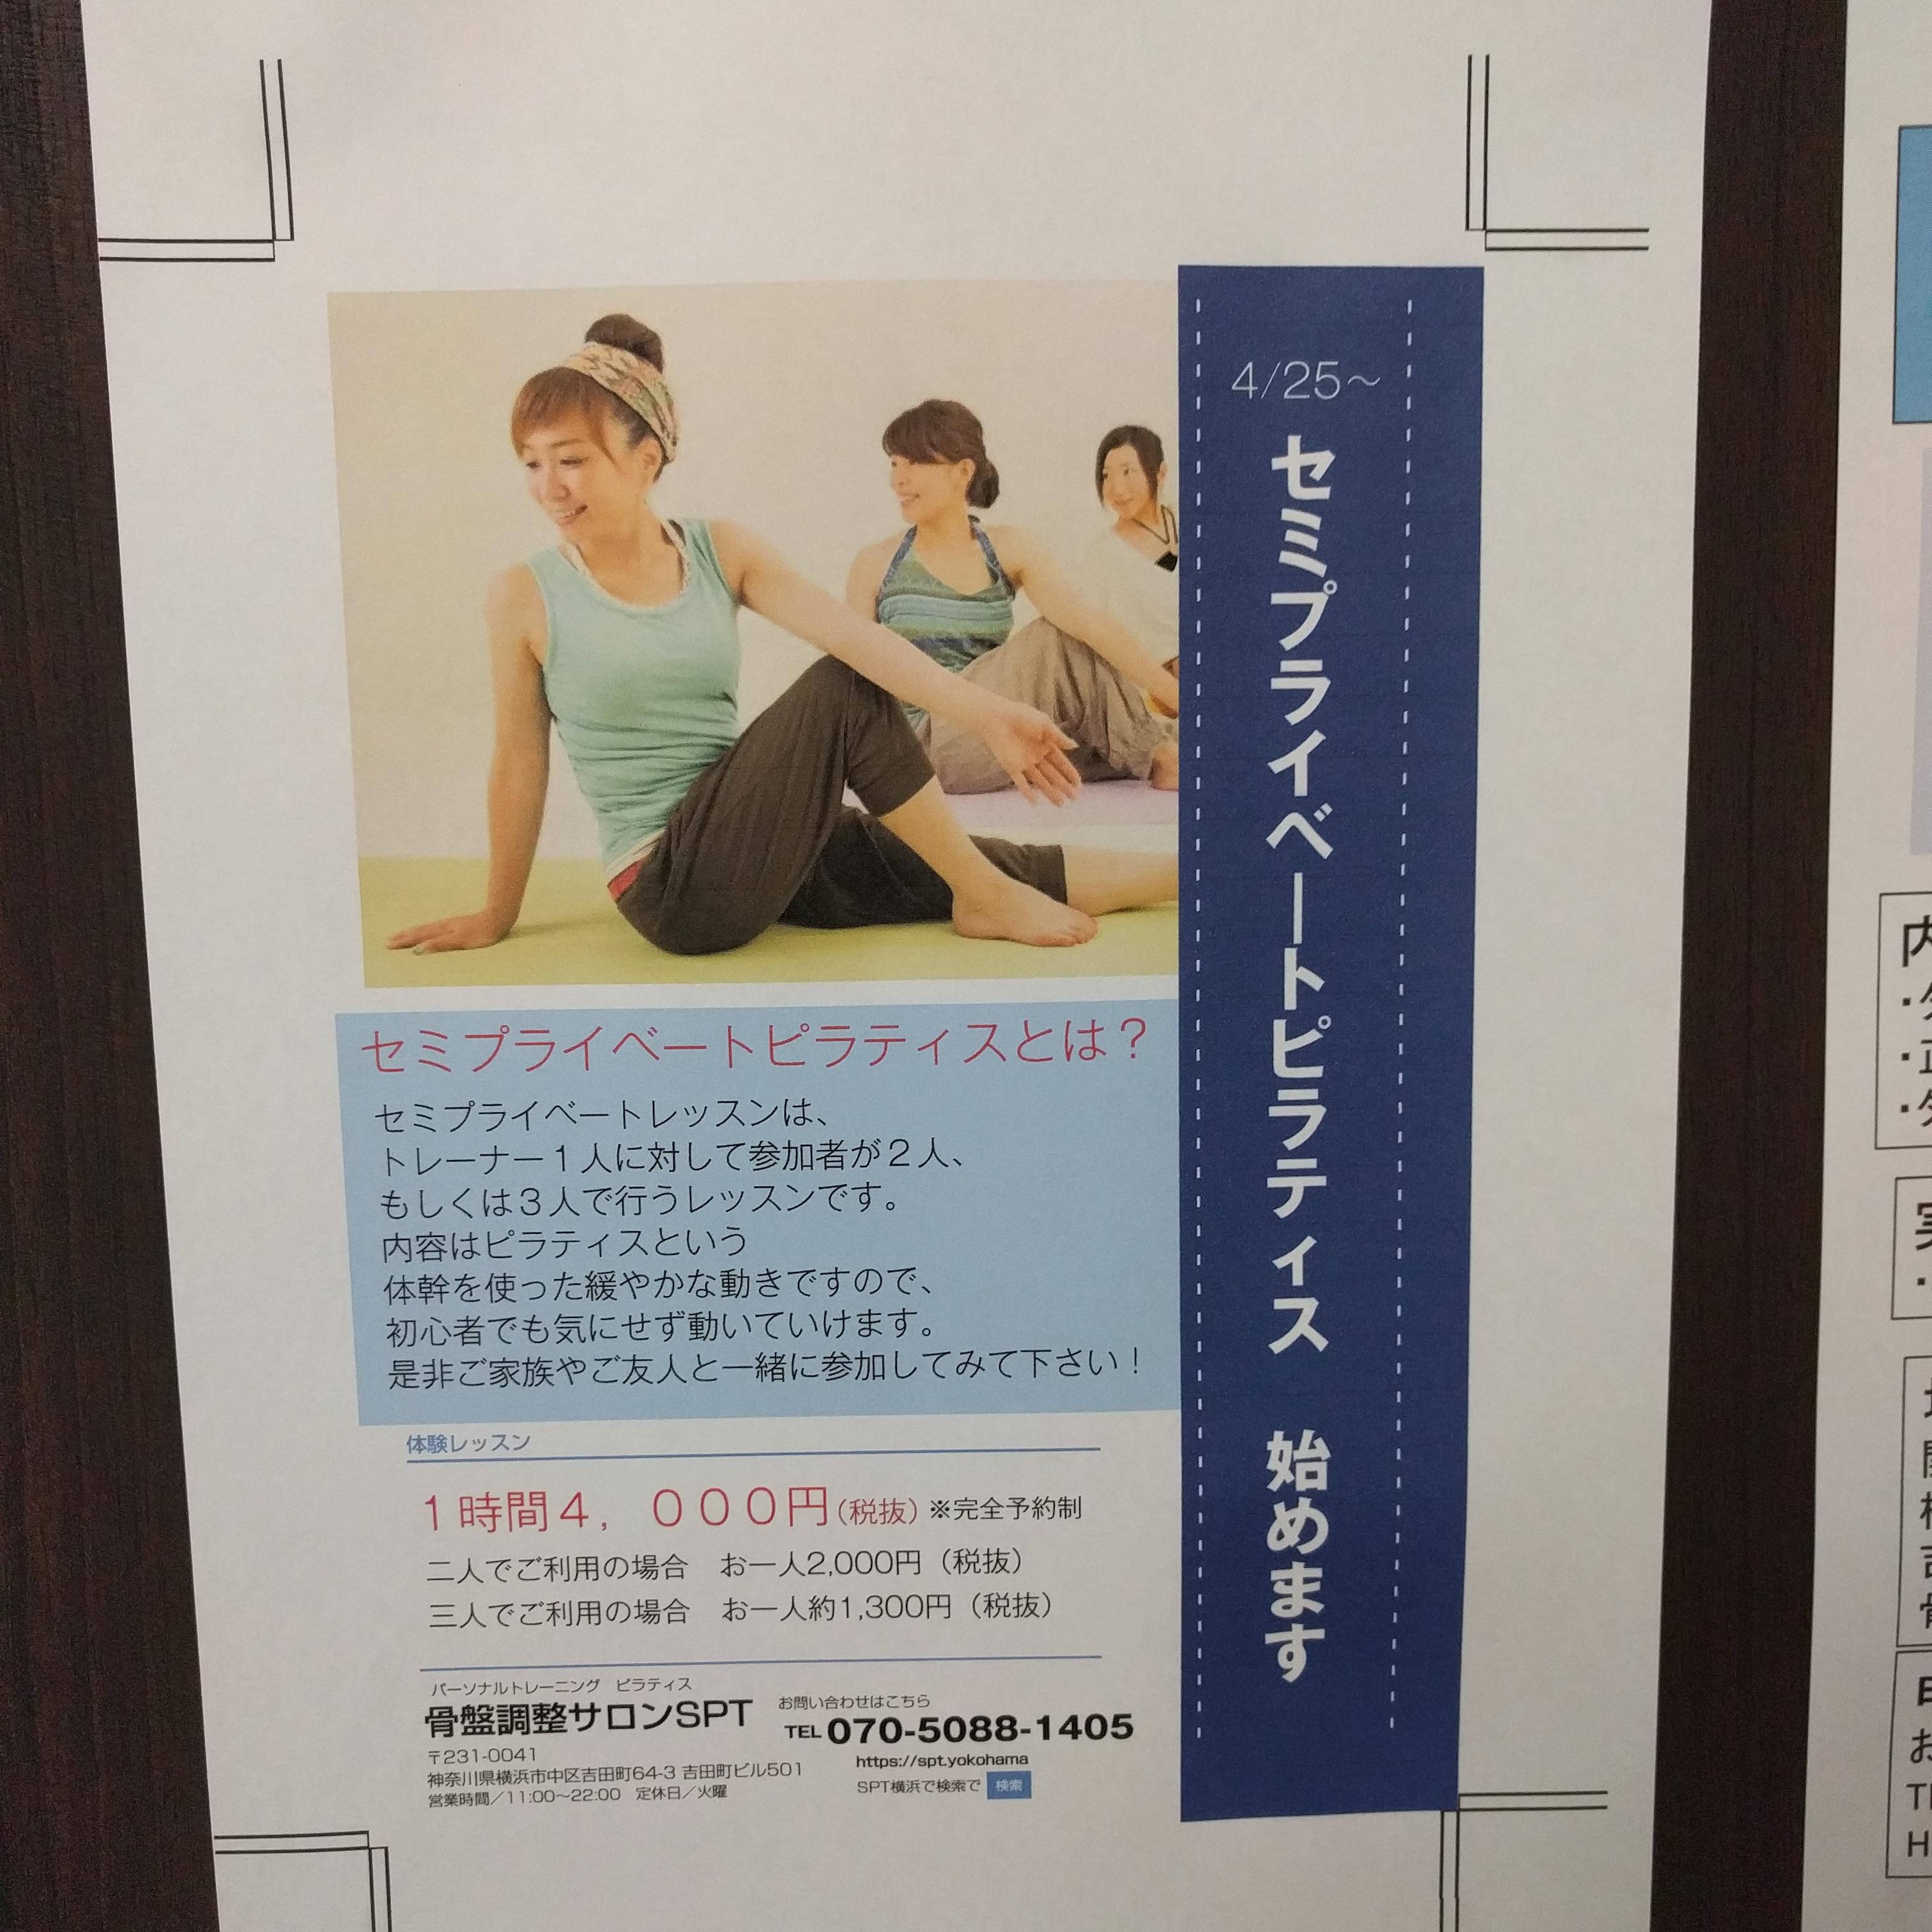 横浜・関内 パーソナルトレーニングジムSPT